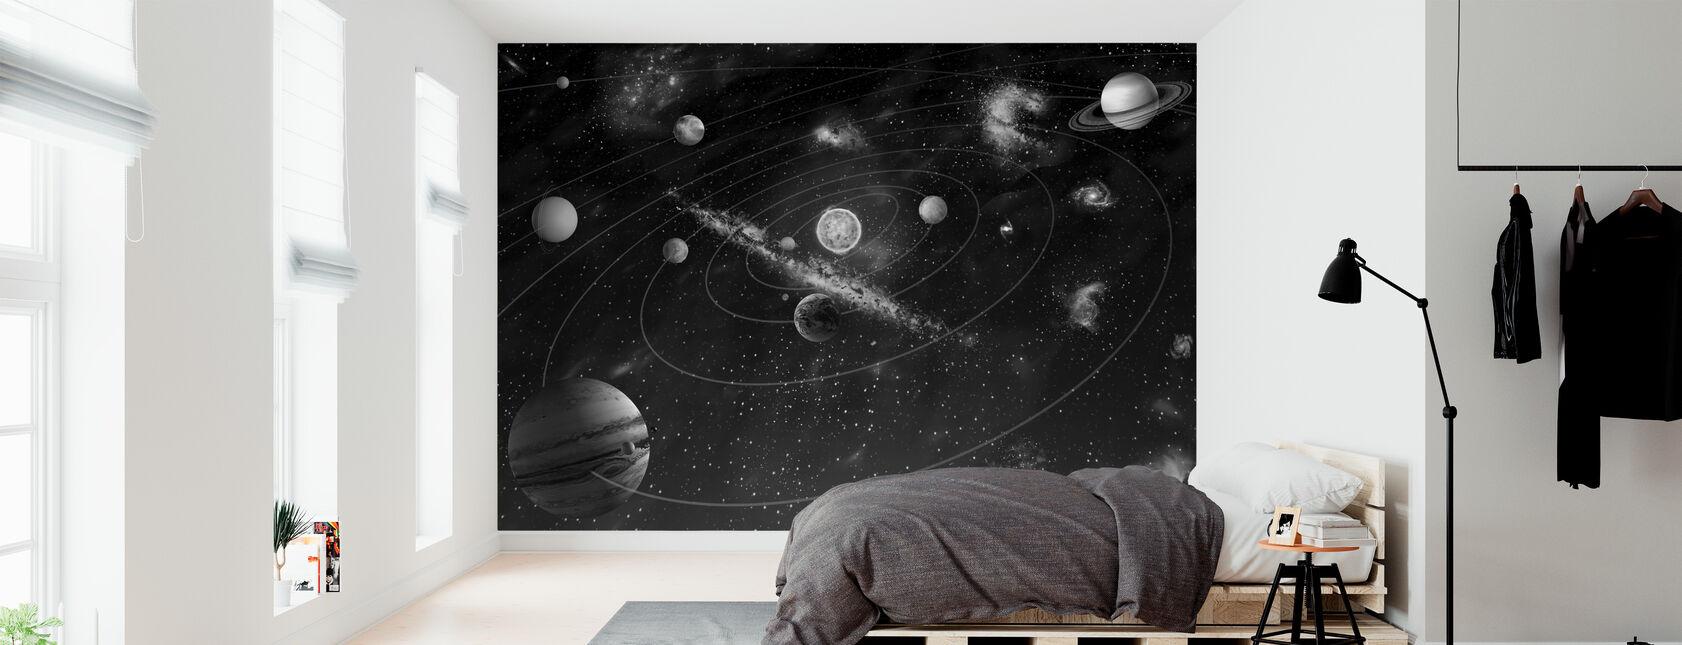 Solar System - b/w - Wallpaper - Bedroom